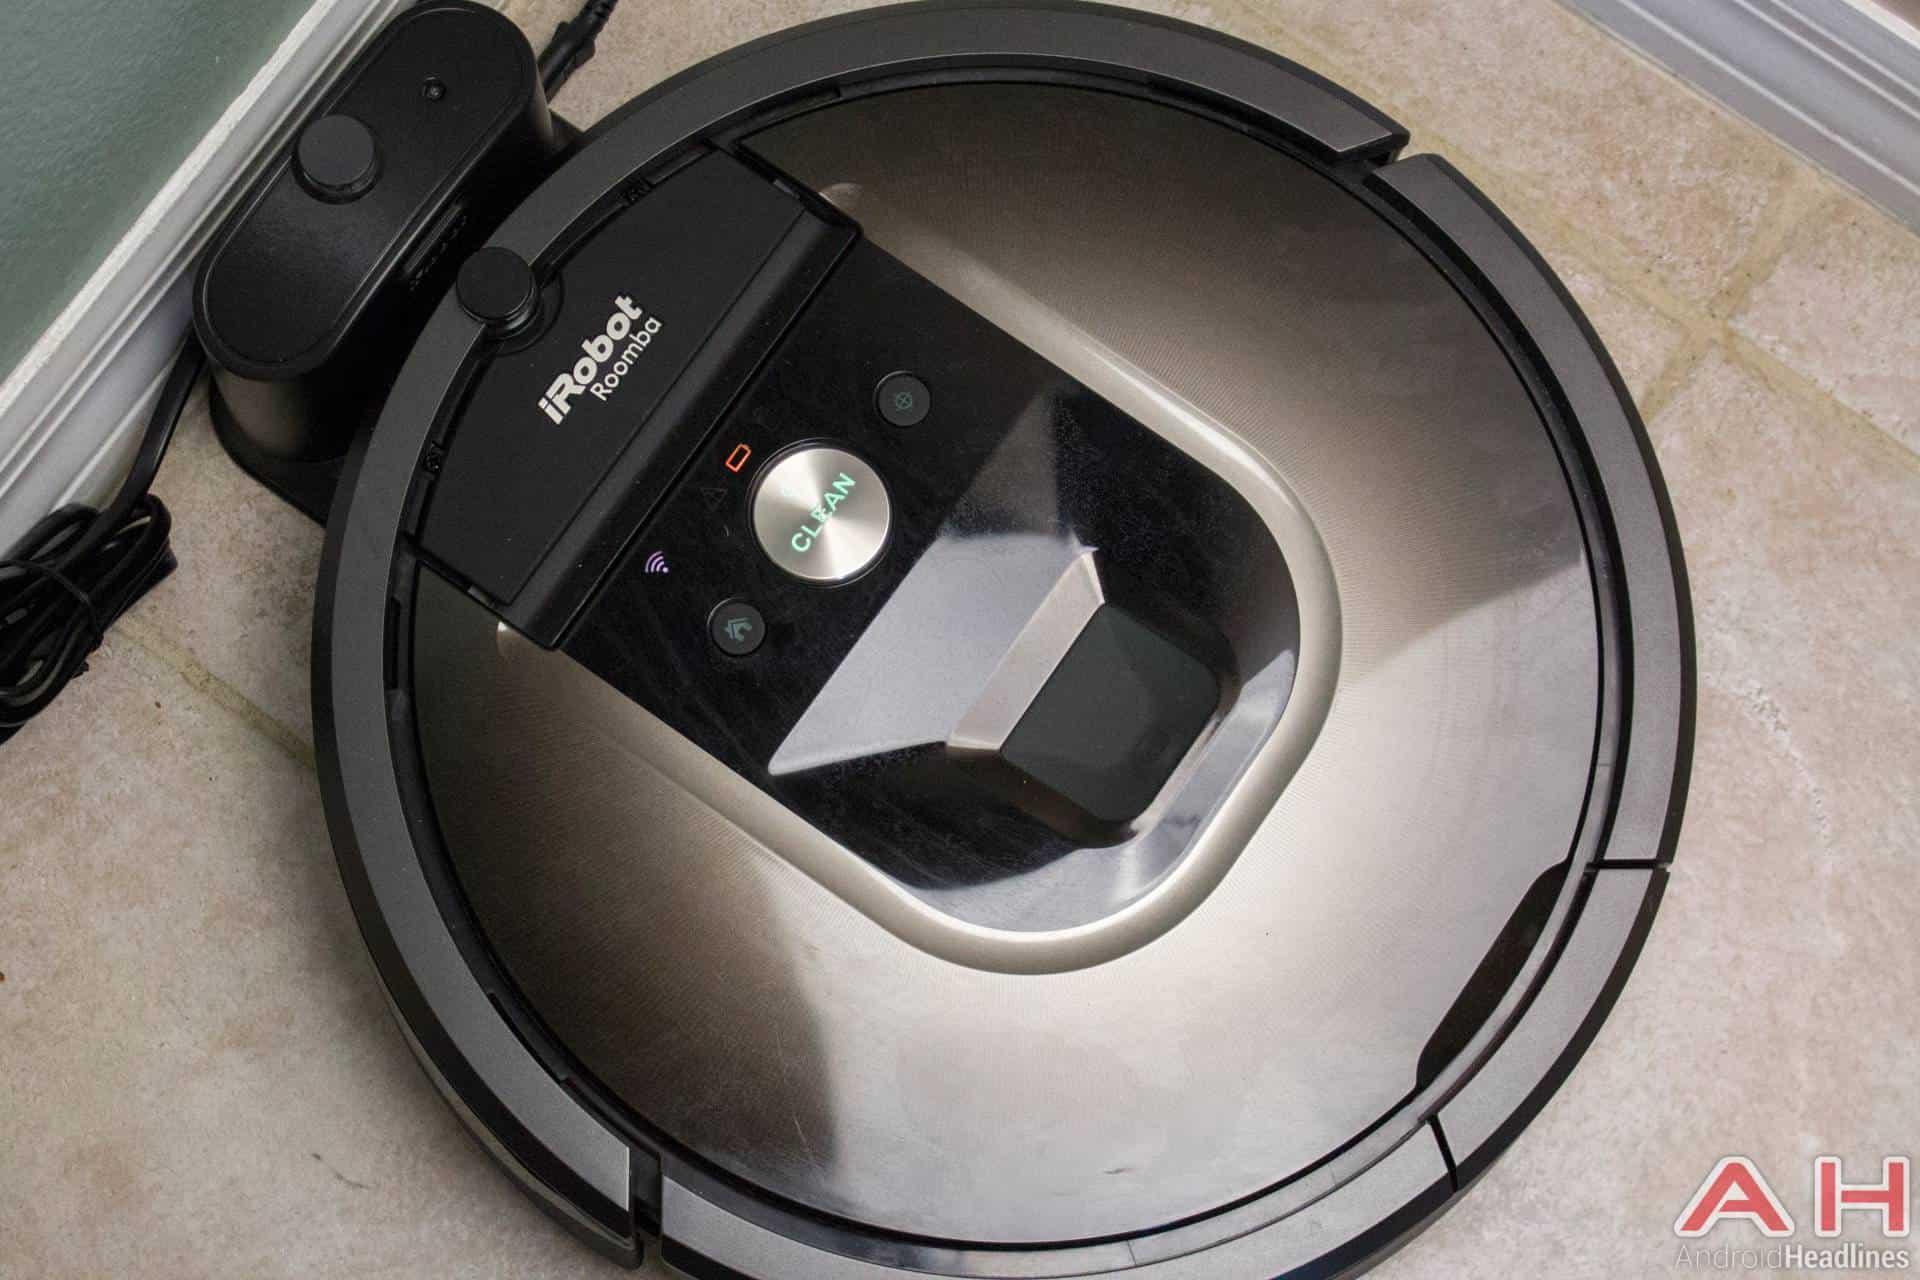 iRobot Roomba 980 AH NS 01